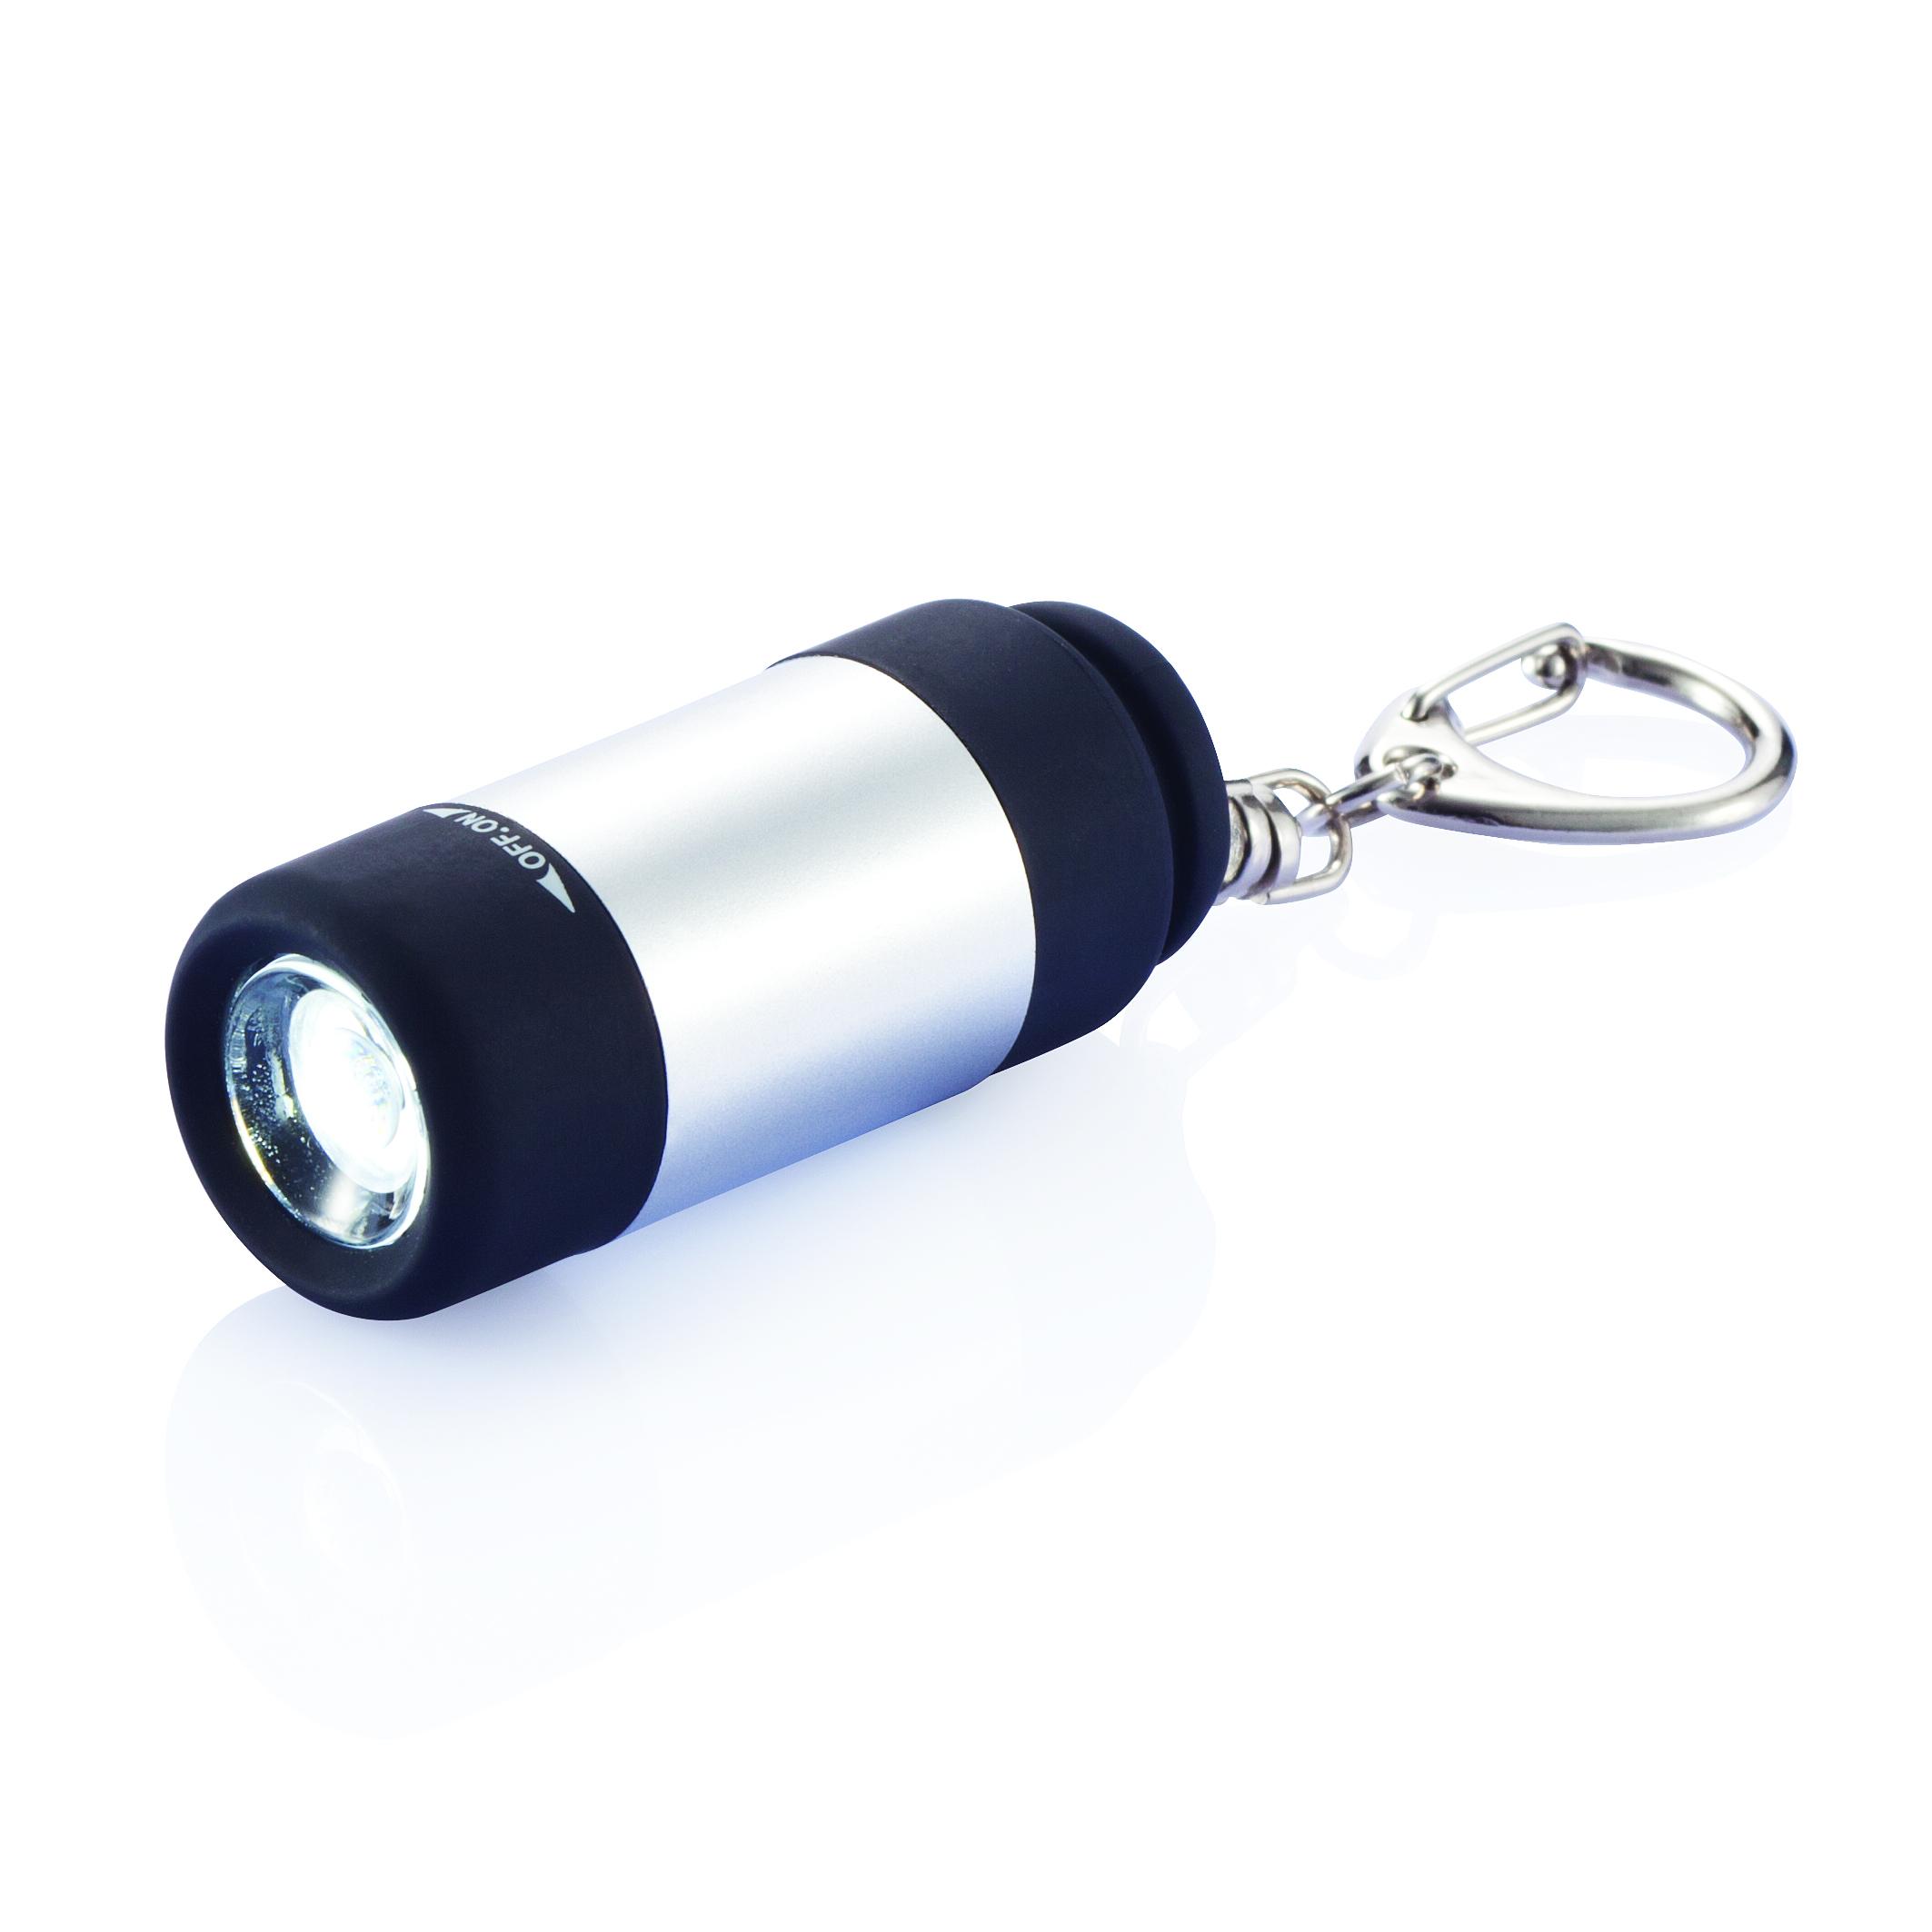 USB Taschenlampe mit Schl ...